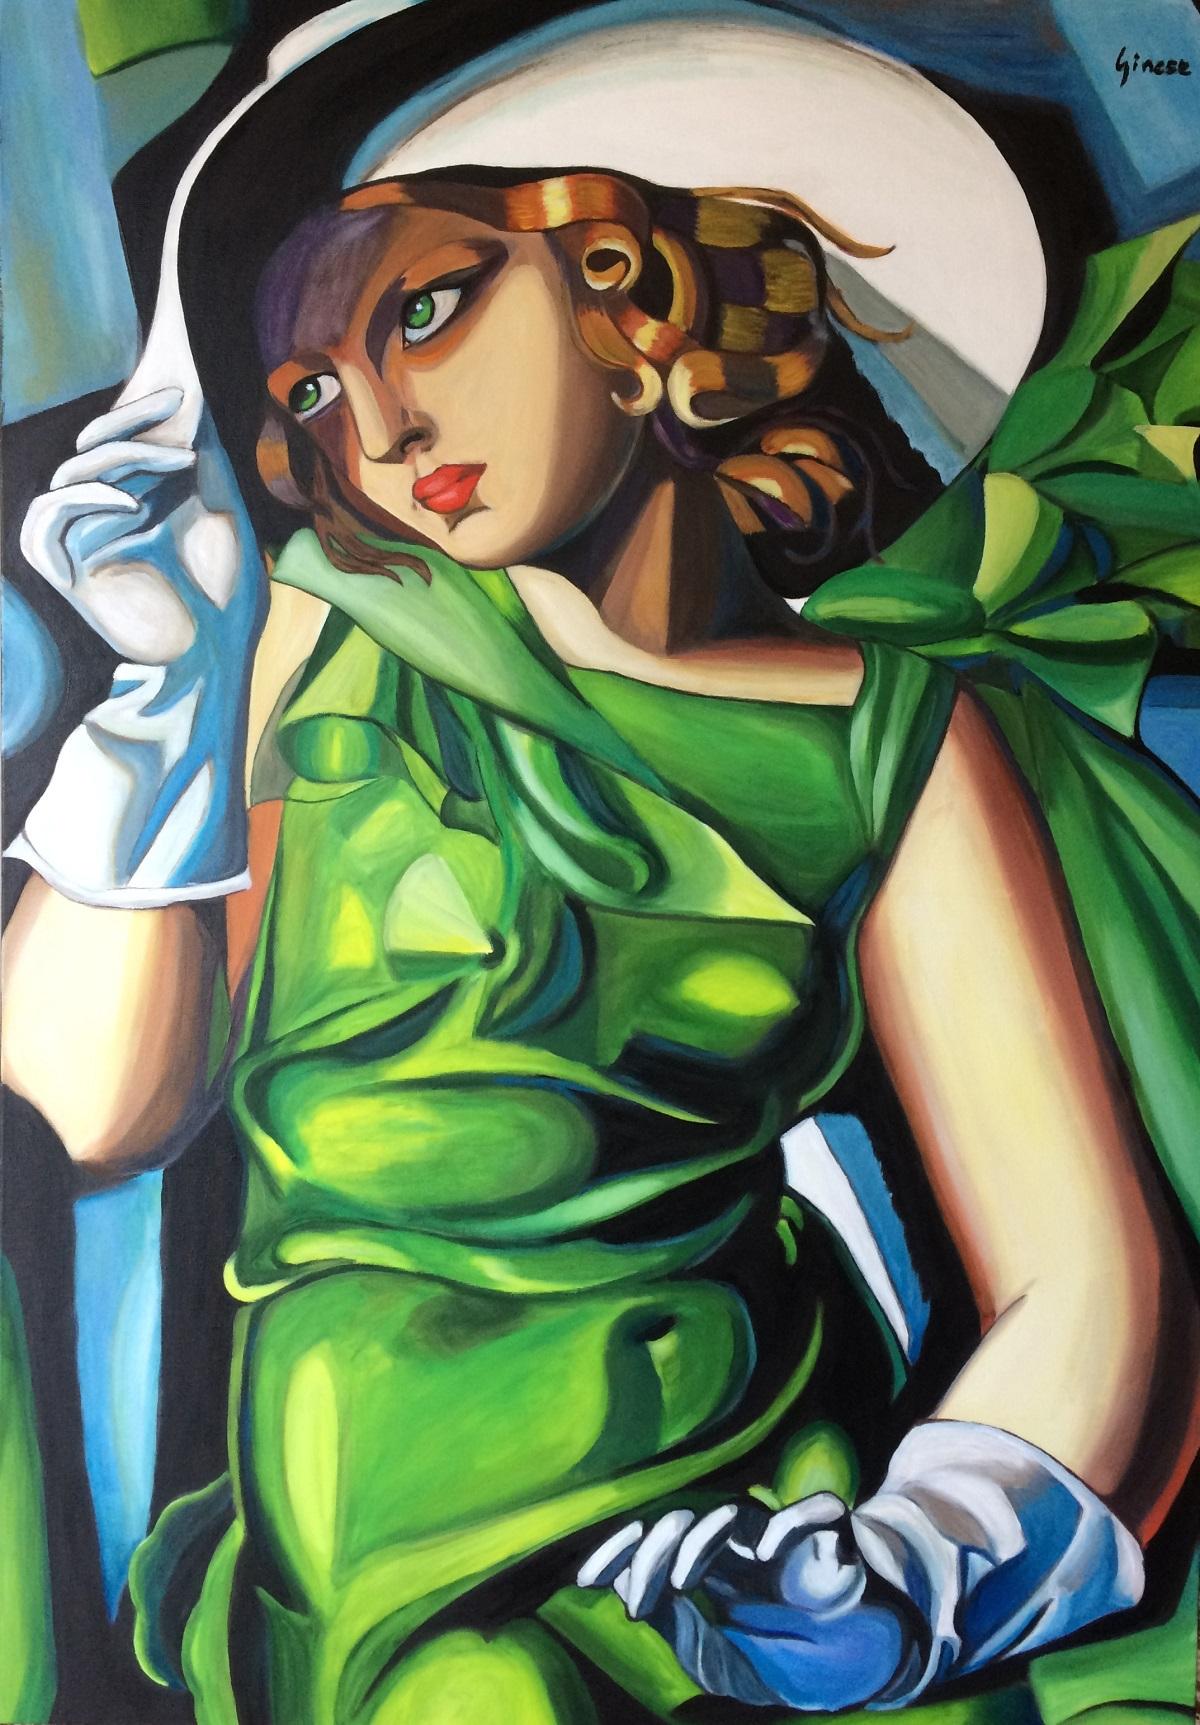 Nicola Ginese – Ragazza con il vestito verde